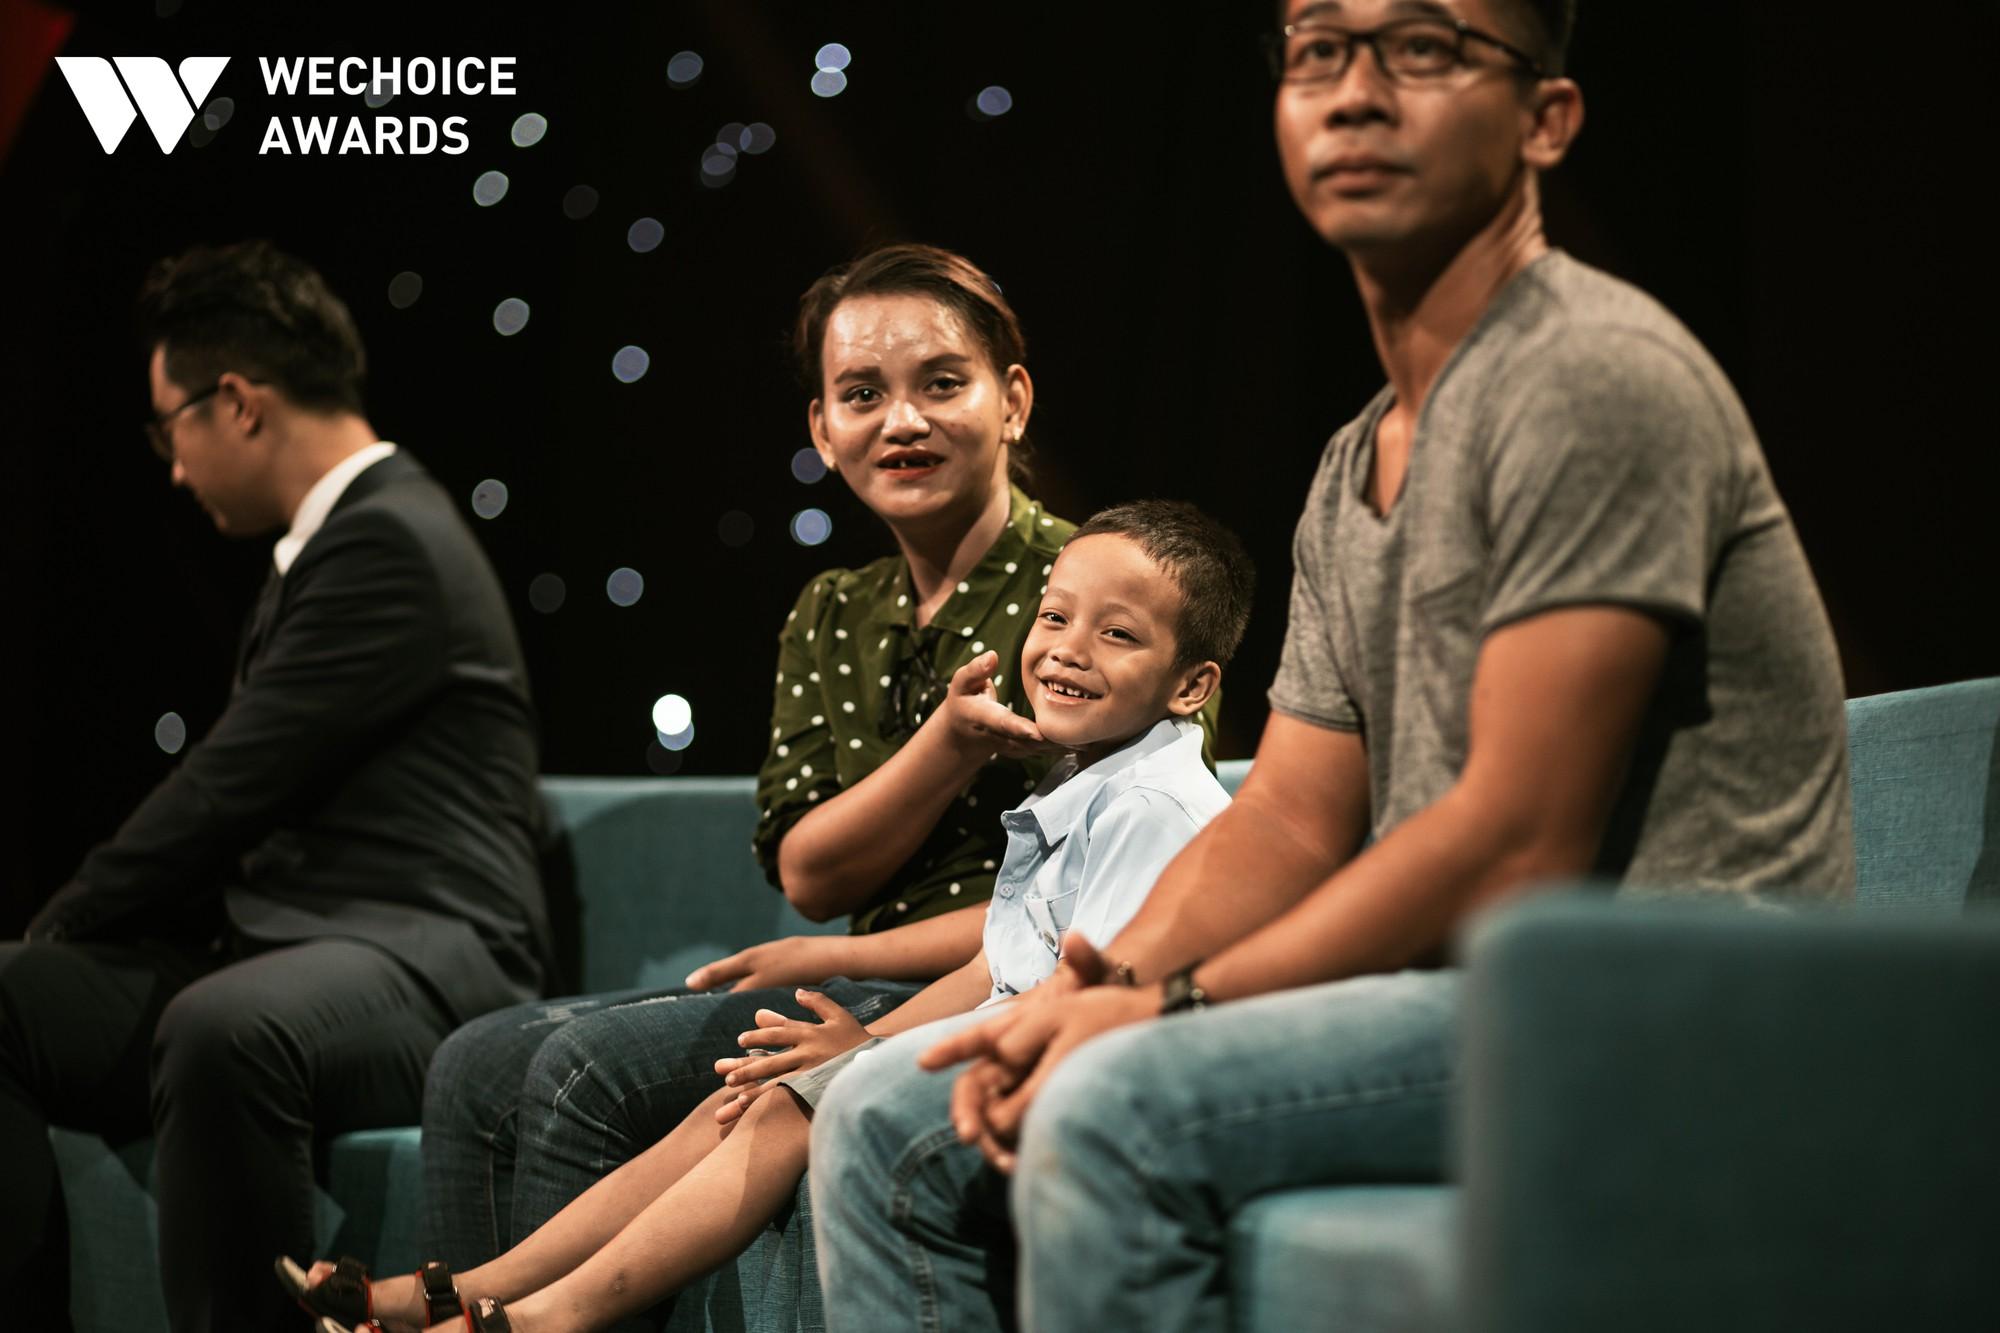 Mẹ cậu bé xếp dép bật khóc trên sóng truyền hình khi nhắc đến ước mơ thành hiện thực: Có việc làm để nuôi con - Ảnh 4.